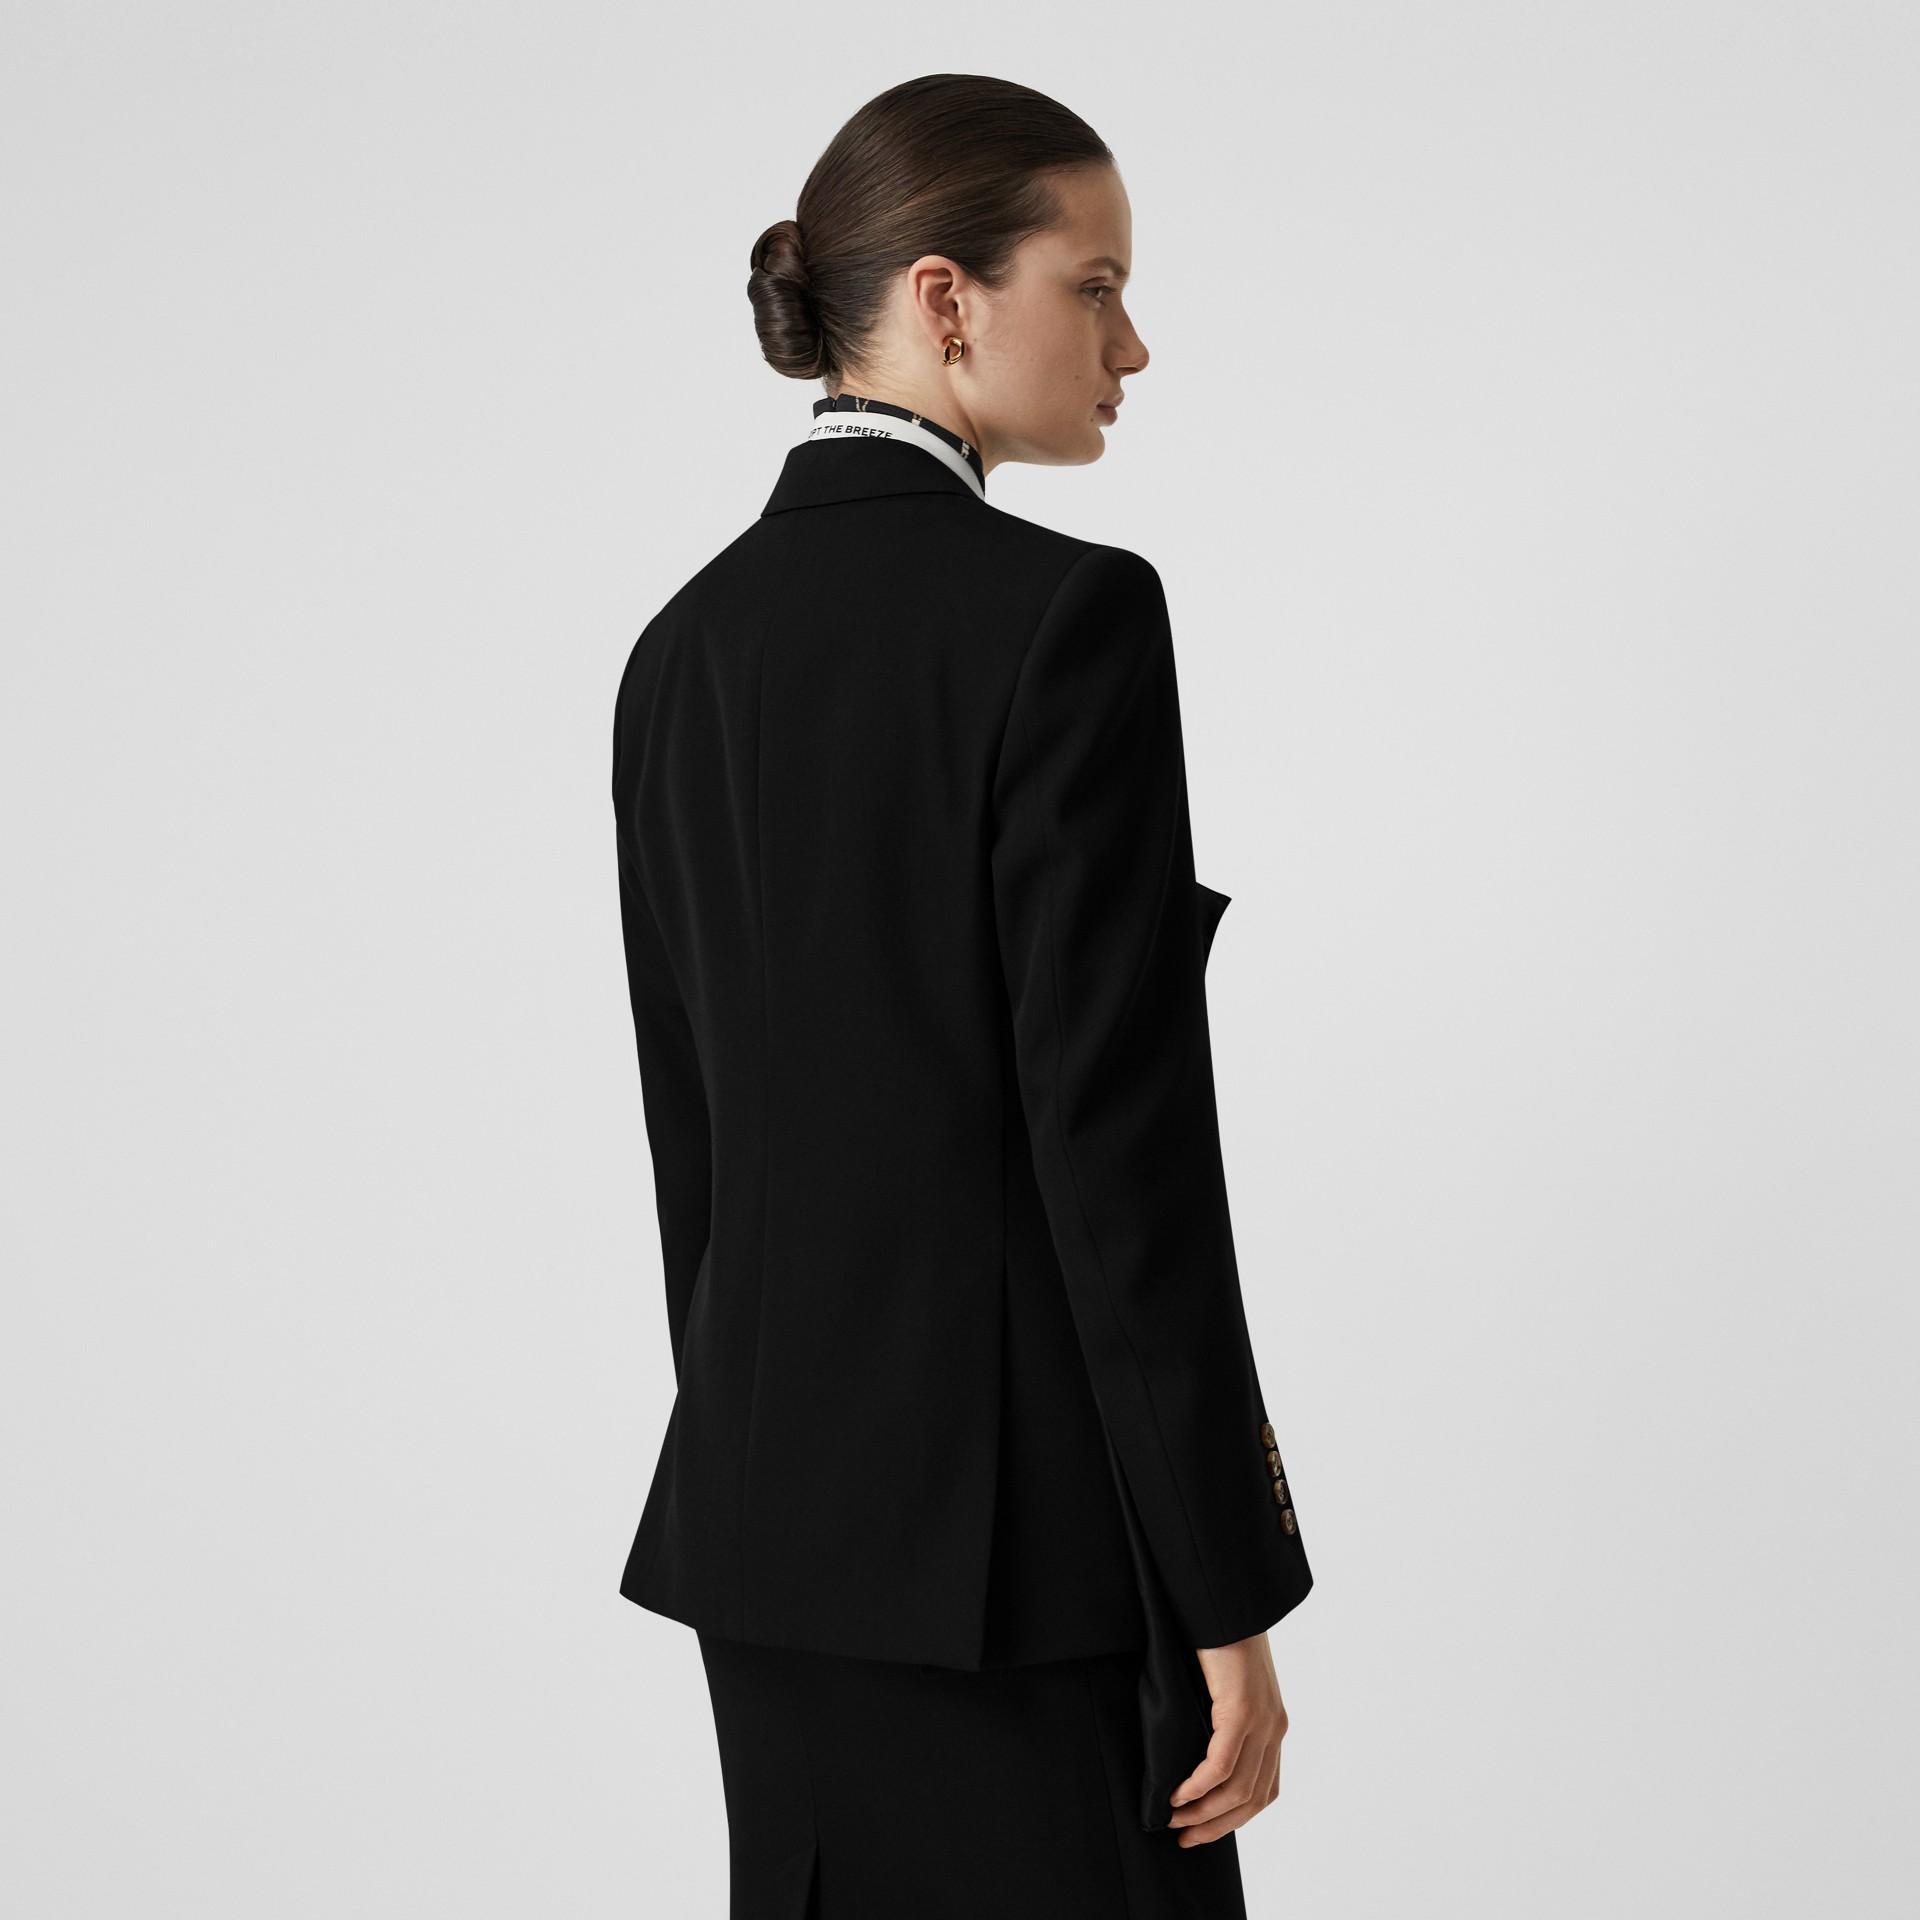 로고 패널 디테일 울 테일러드 재킷 (블랙) - 여성 | Burberry - 갤러리 이미지 2